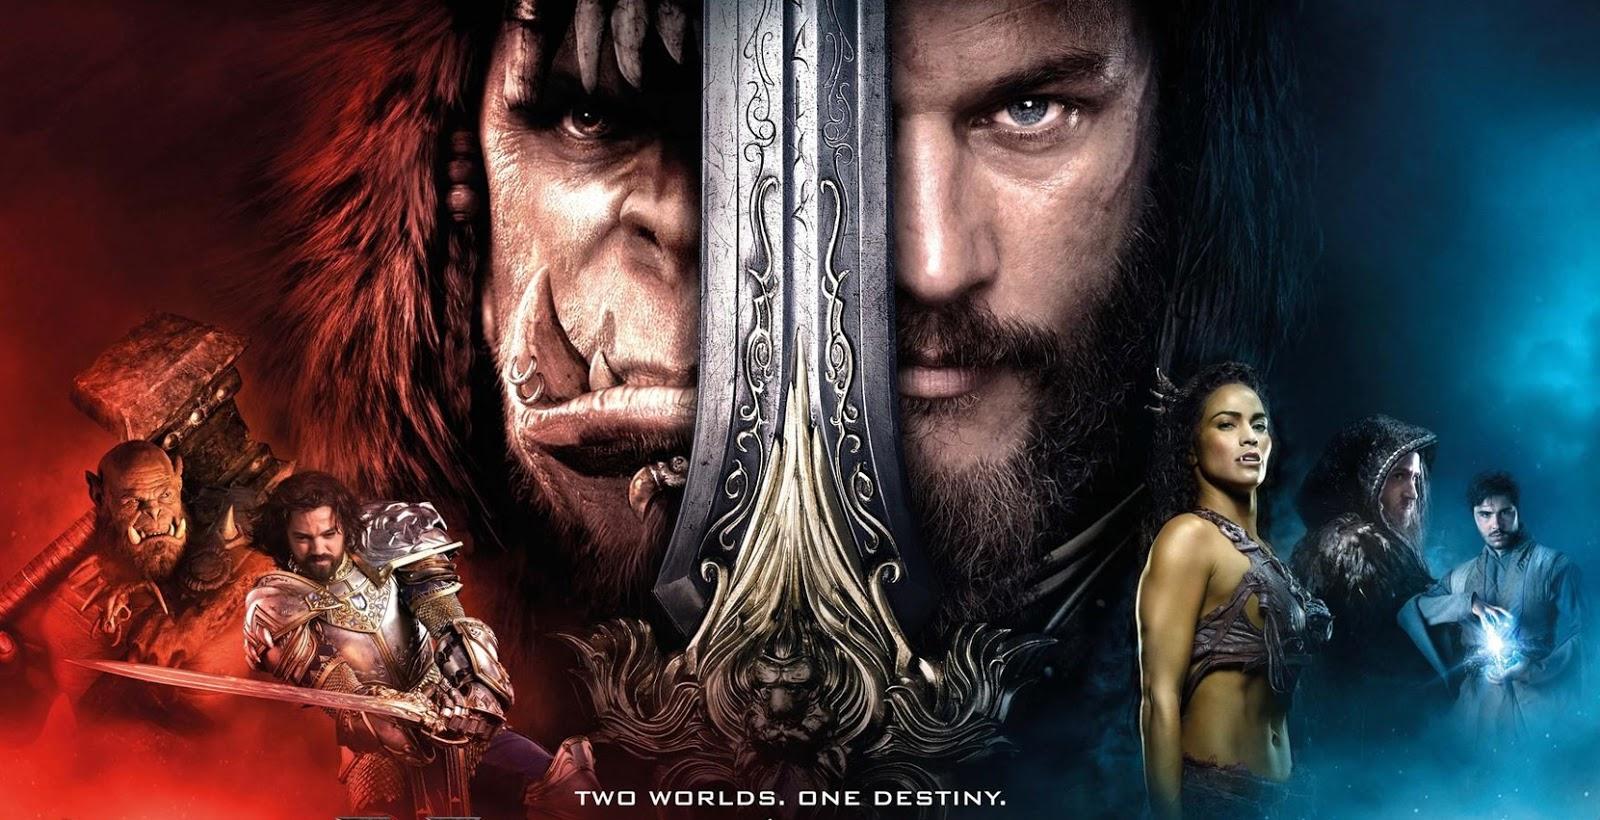 Warcraft 2 Duncan Jones Fala Sobre Possivel Sequencia Filme Poderia Ser Focado Na China Loucosporfilmes Net